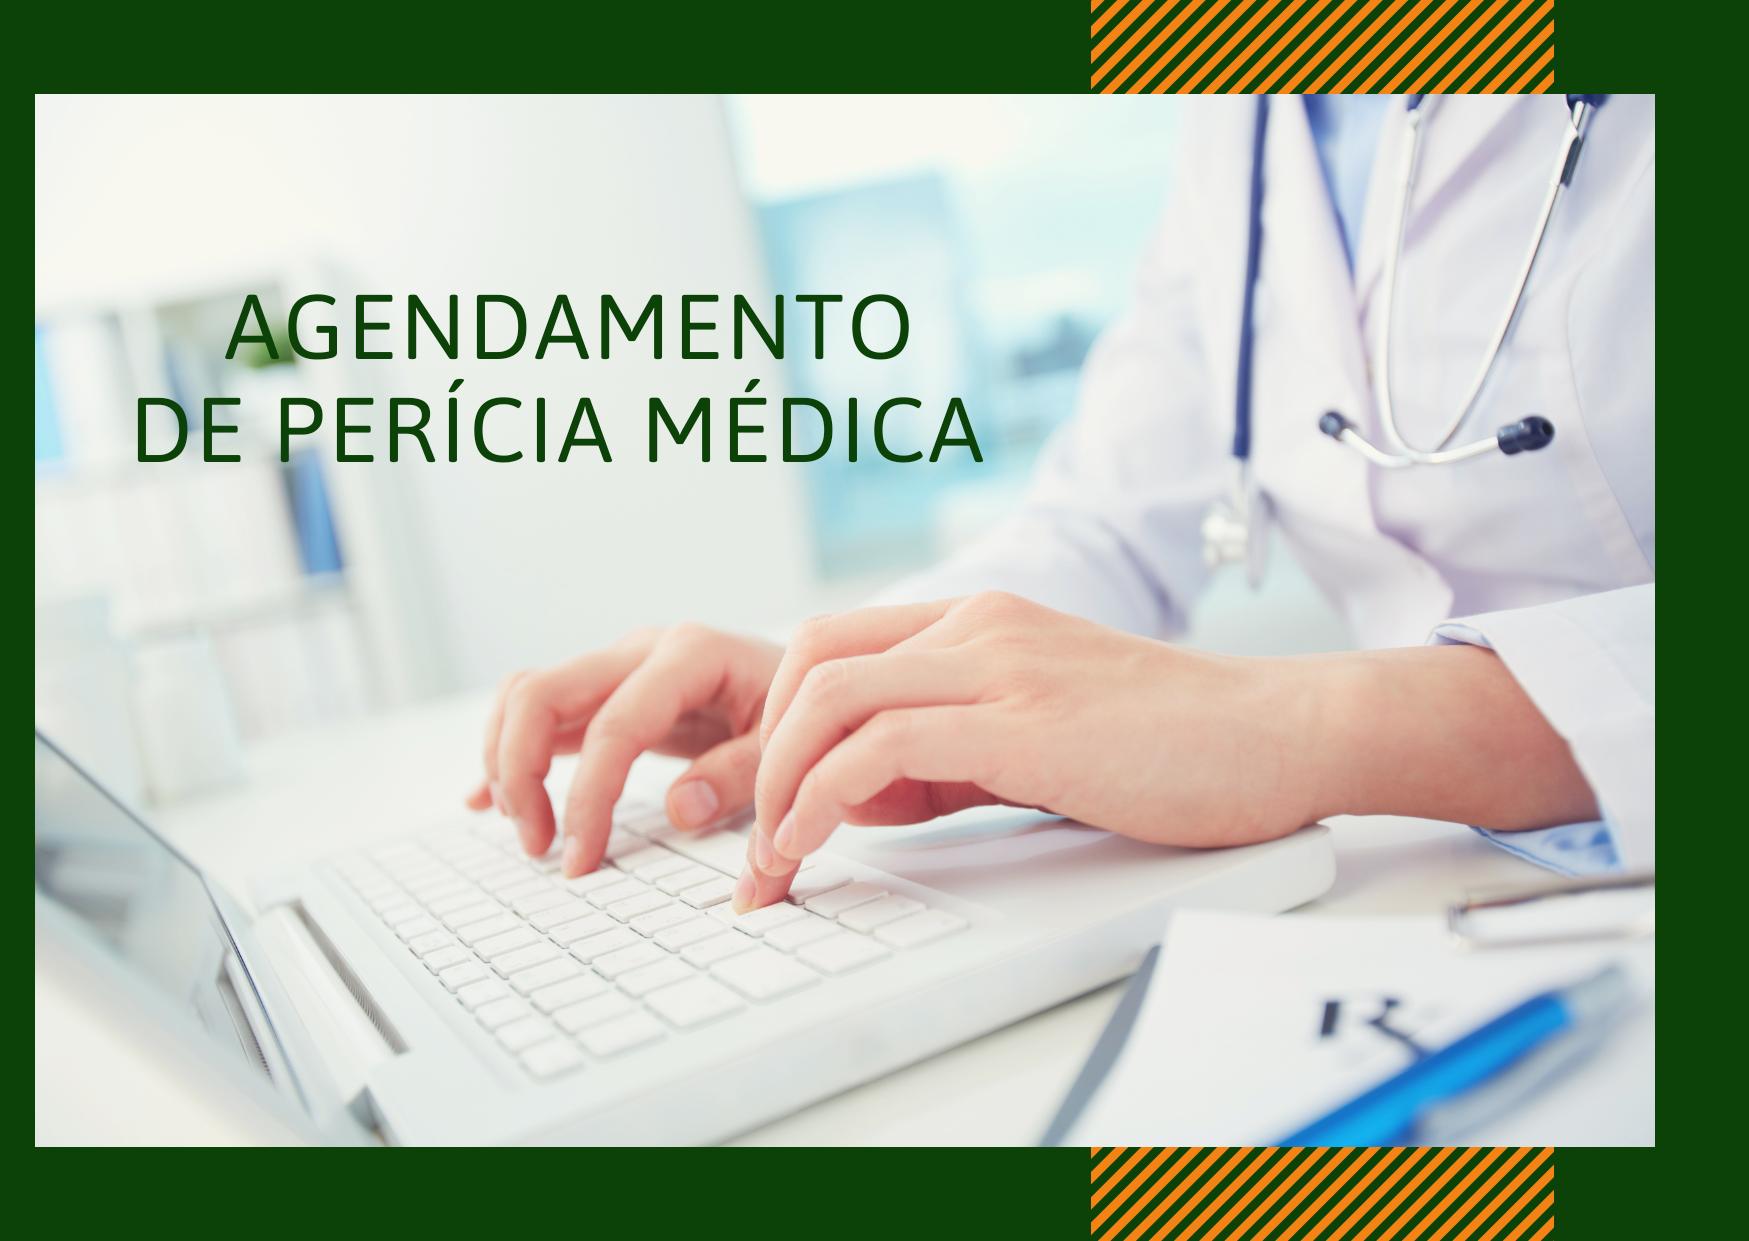 Solicitação e agendamento de perícia médica devem ser feitos por e-mail